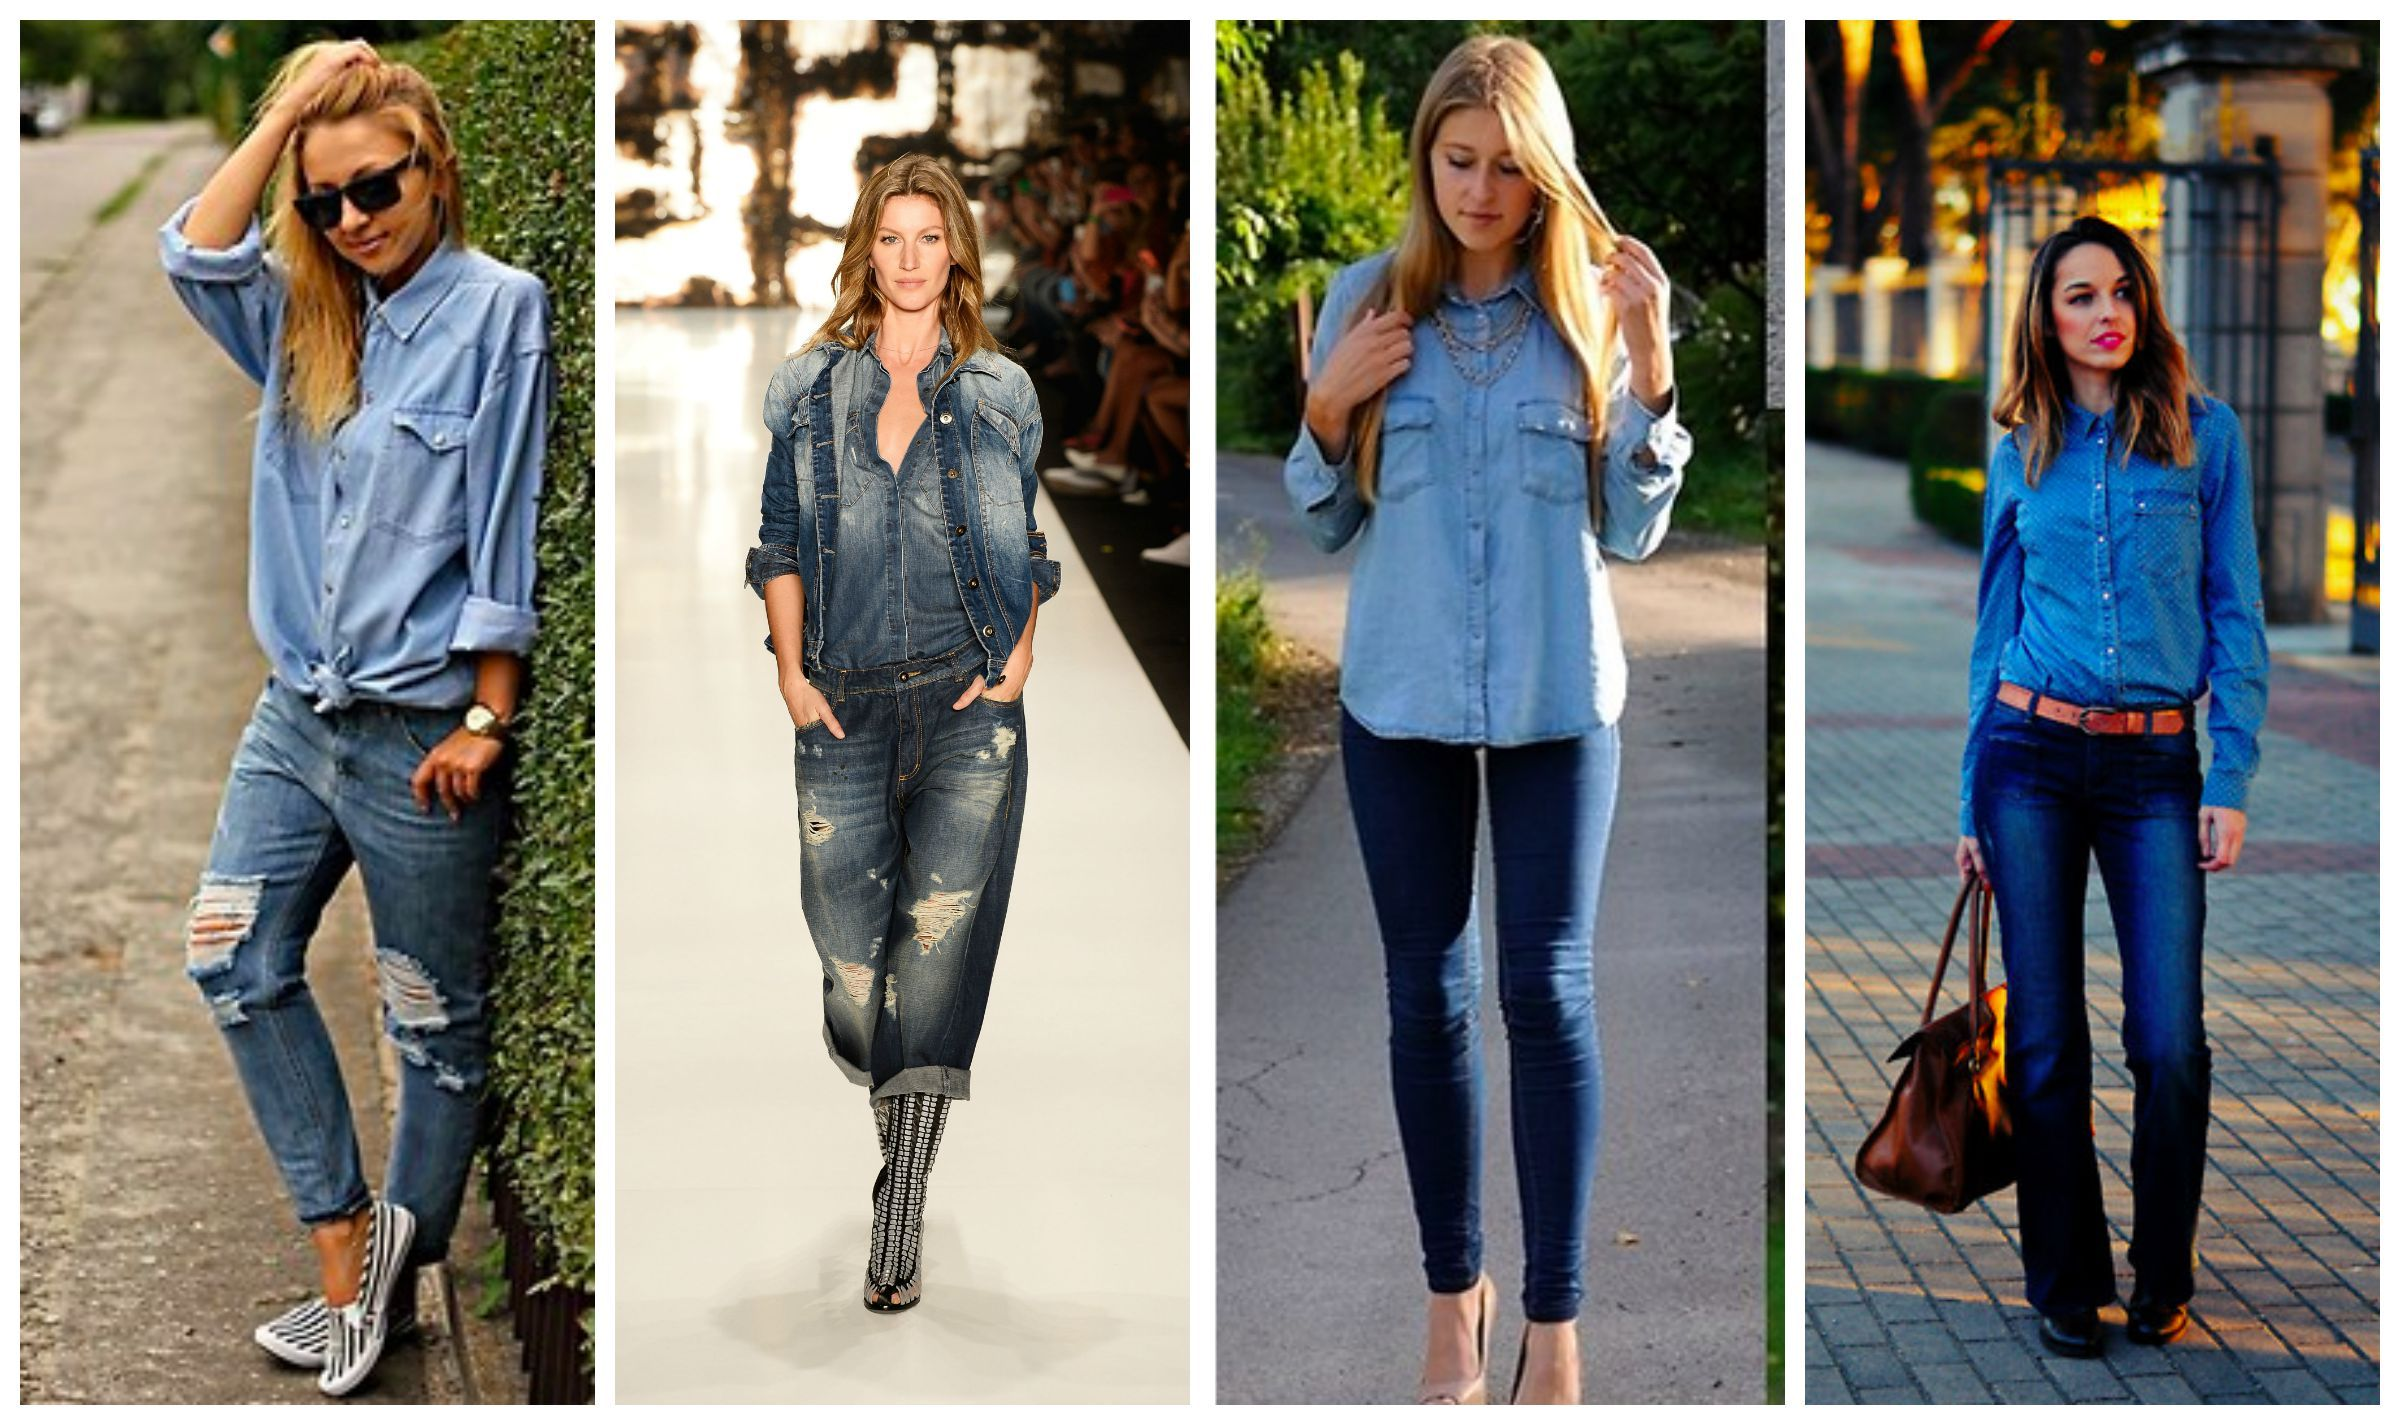 e7079fe399 Revista Manequim - Look total jeans  aprenda a combinar peças do material  mais democrático do guarda-roupa